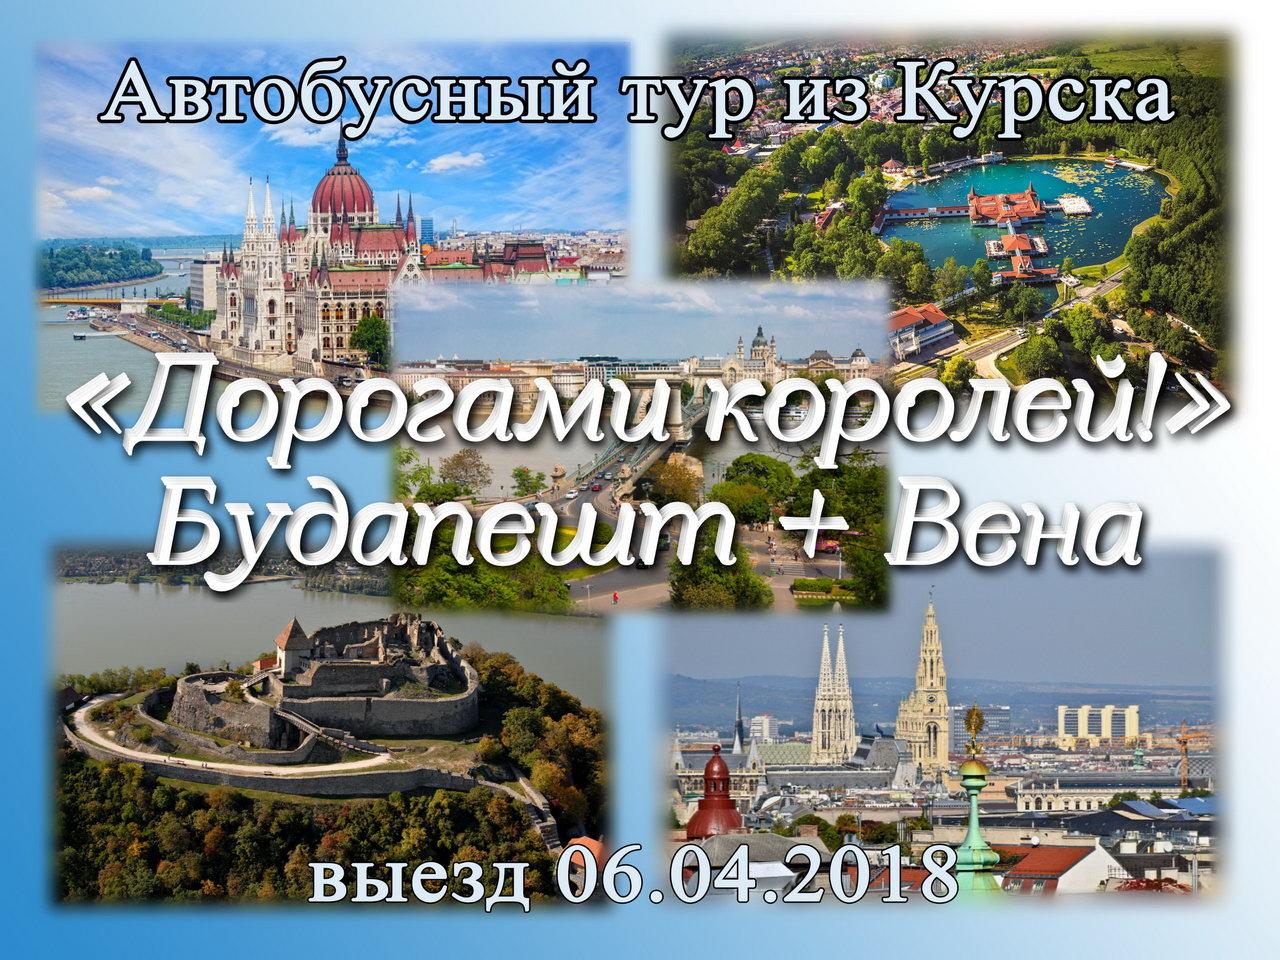 Севастополь турагентства сайты фотохостинг с привязкой gps